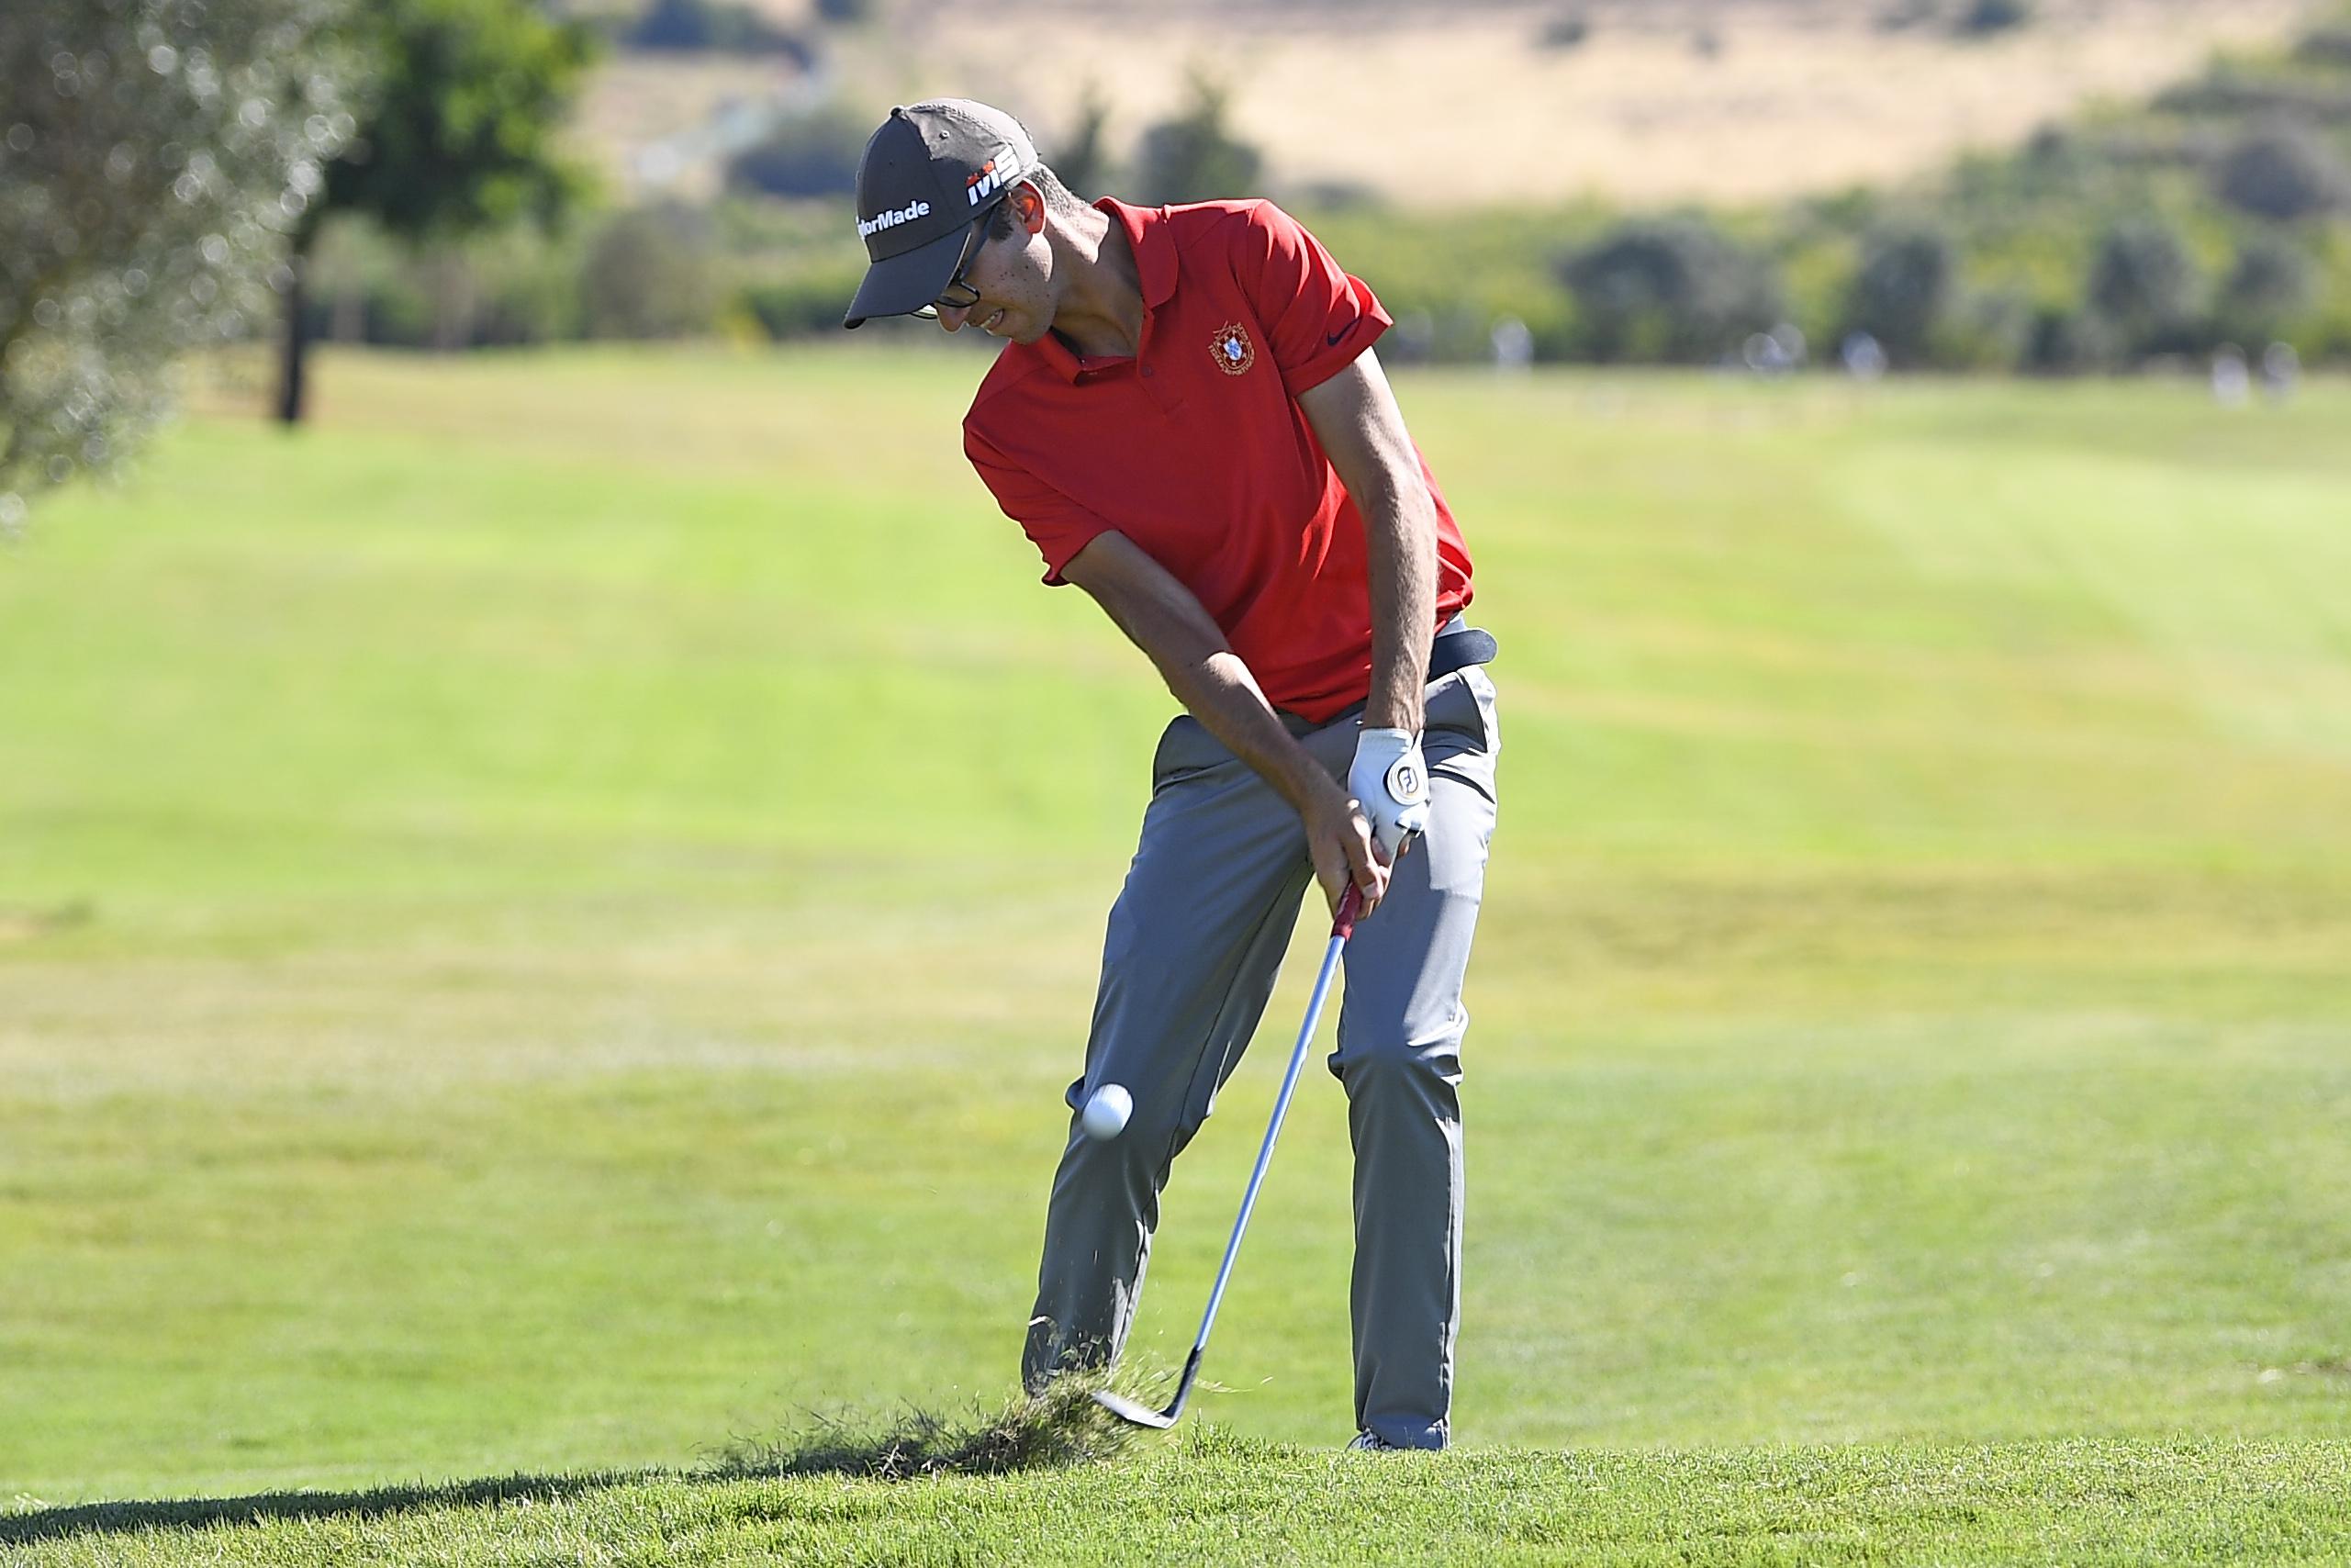 57.º Open de Portugal @ Morgado Golf Resort  – SEIS PORTUGUESES PASSAM O CUT  MAS DOIS AMADORES É RECORDE